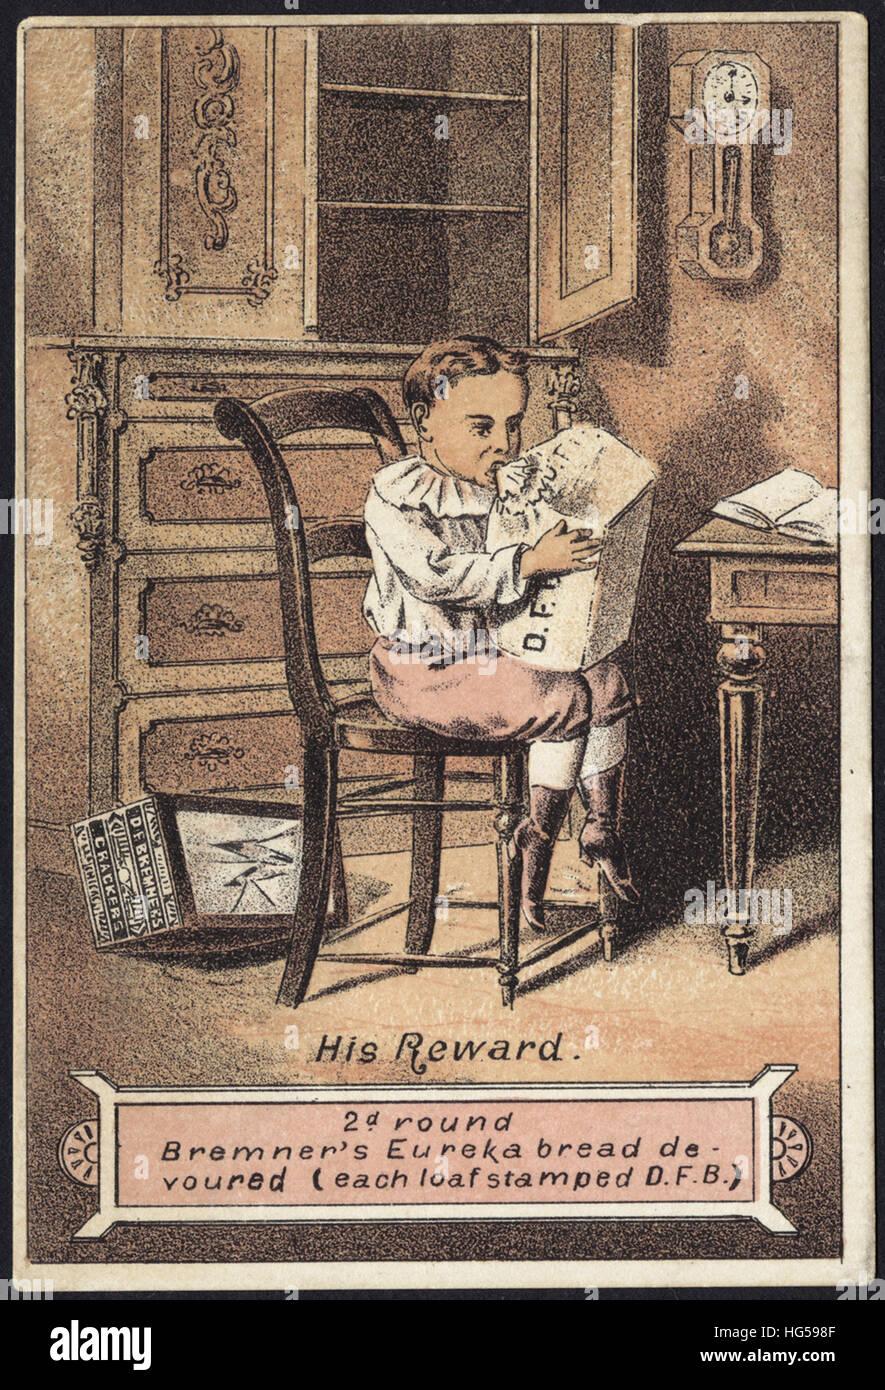 Baking Trade Card -  His reward. 2d. round Bremner's Eureka bread devoured (each loaf stamped D. F. B.) - Stock Image